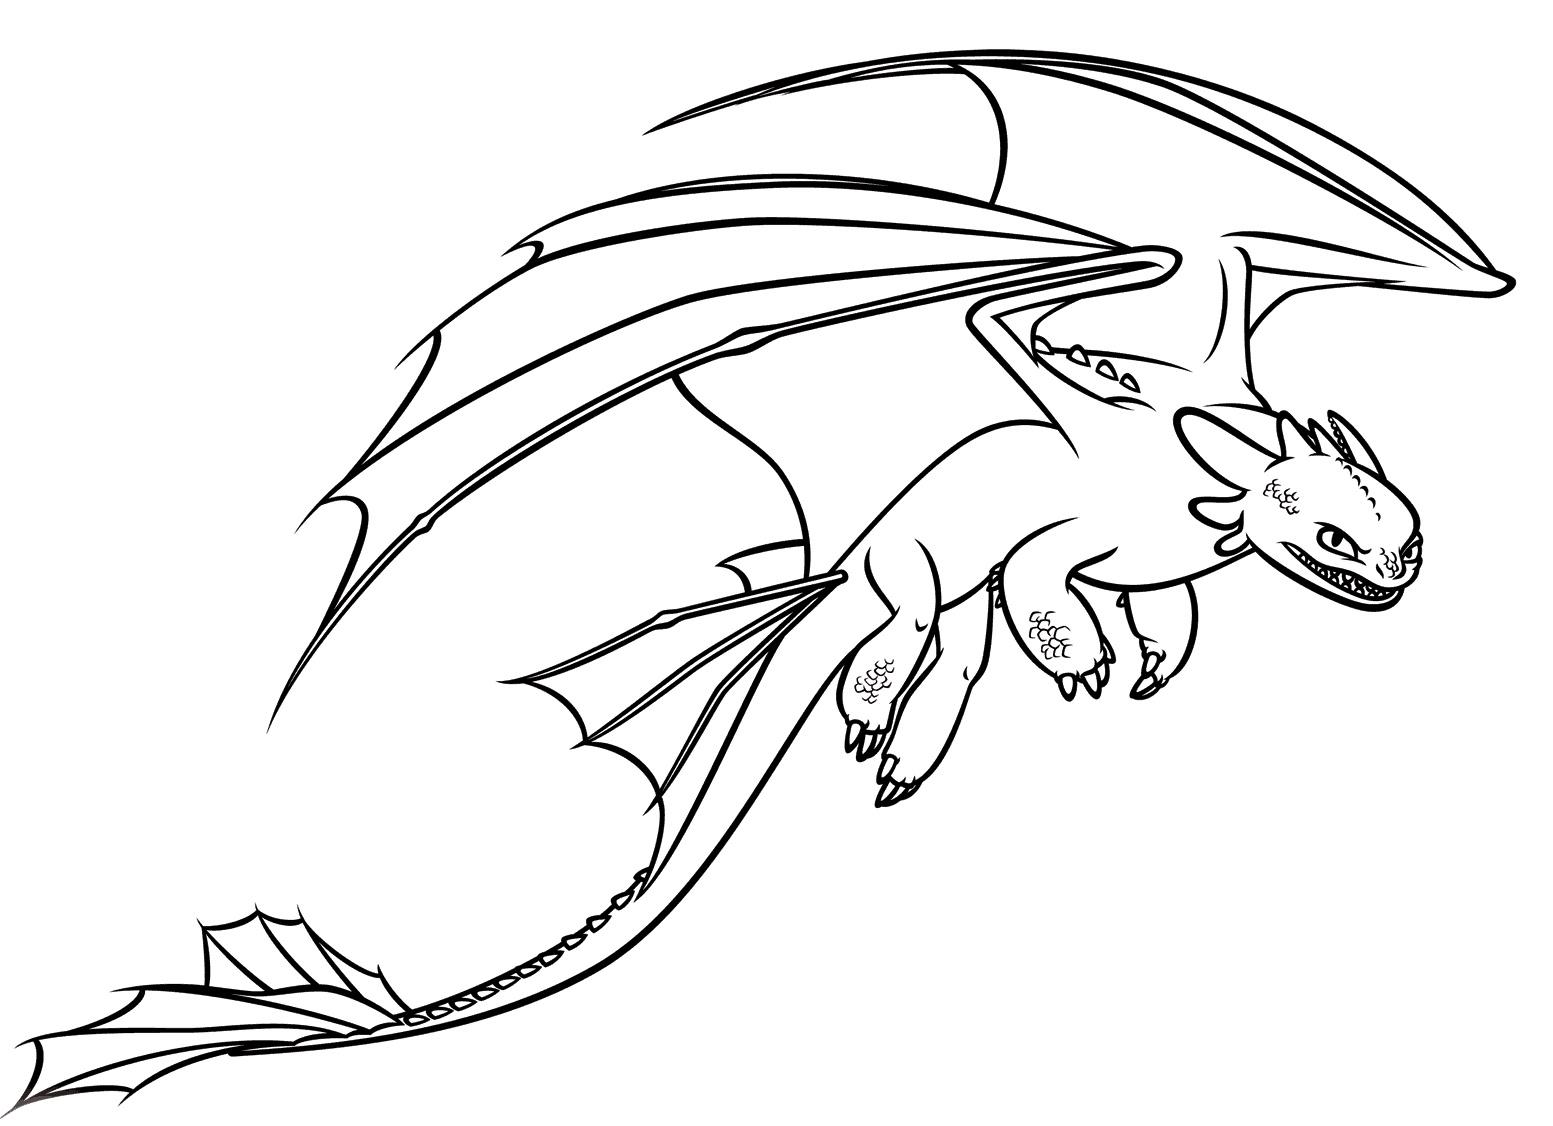 Раскраска Злобный дракон распечатать или скачать бесплатно